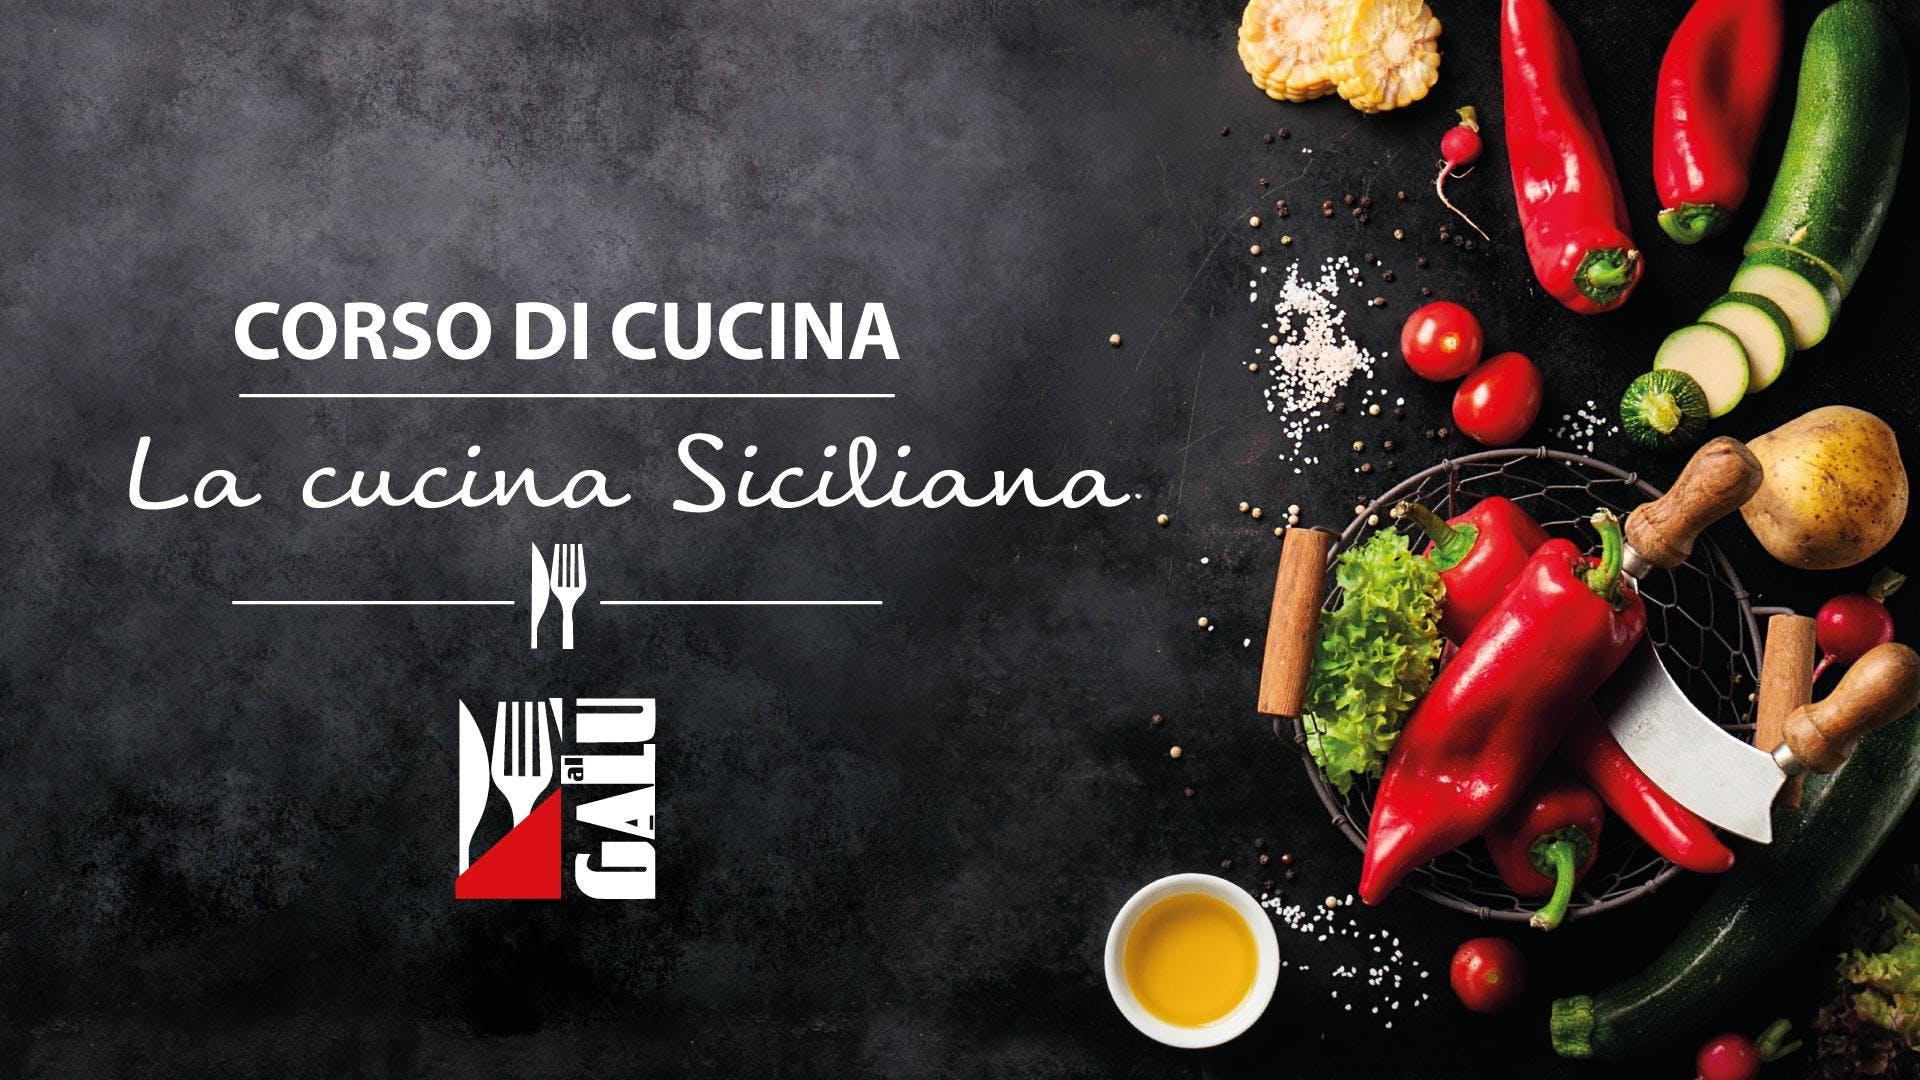 Corso di cucina siciliana cena a scicli e dintorni